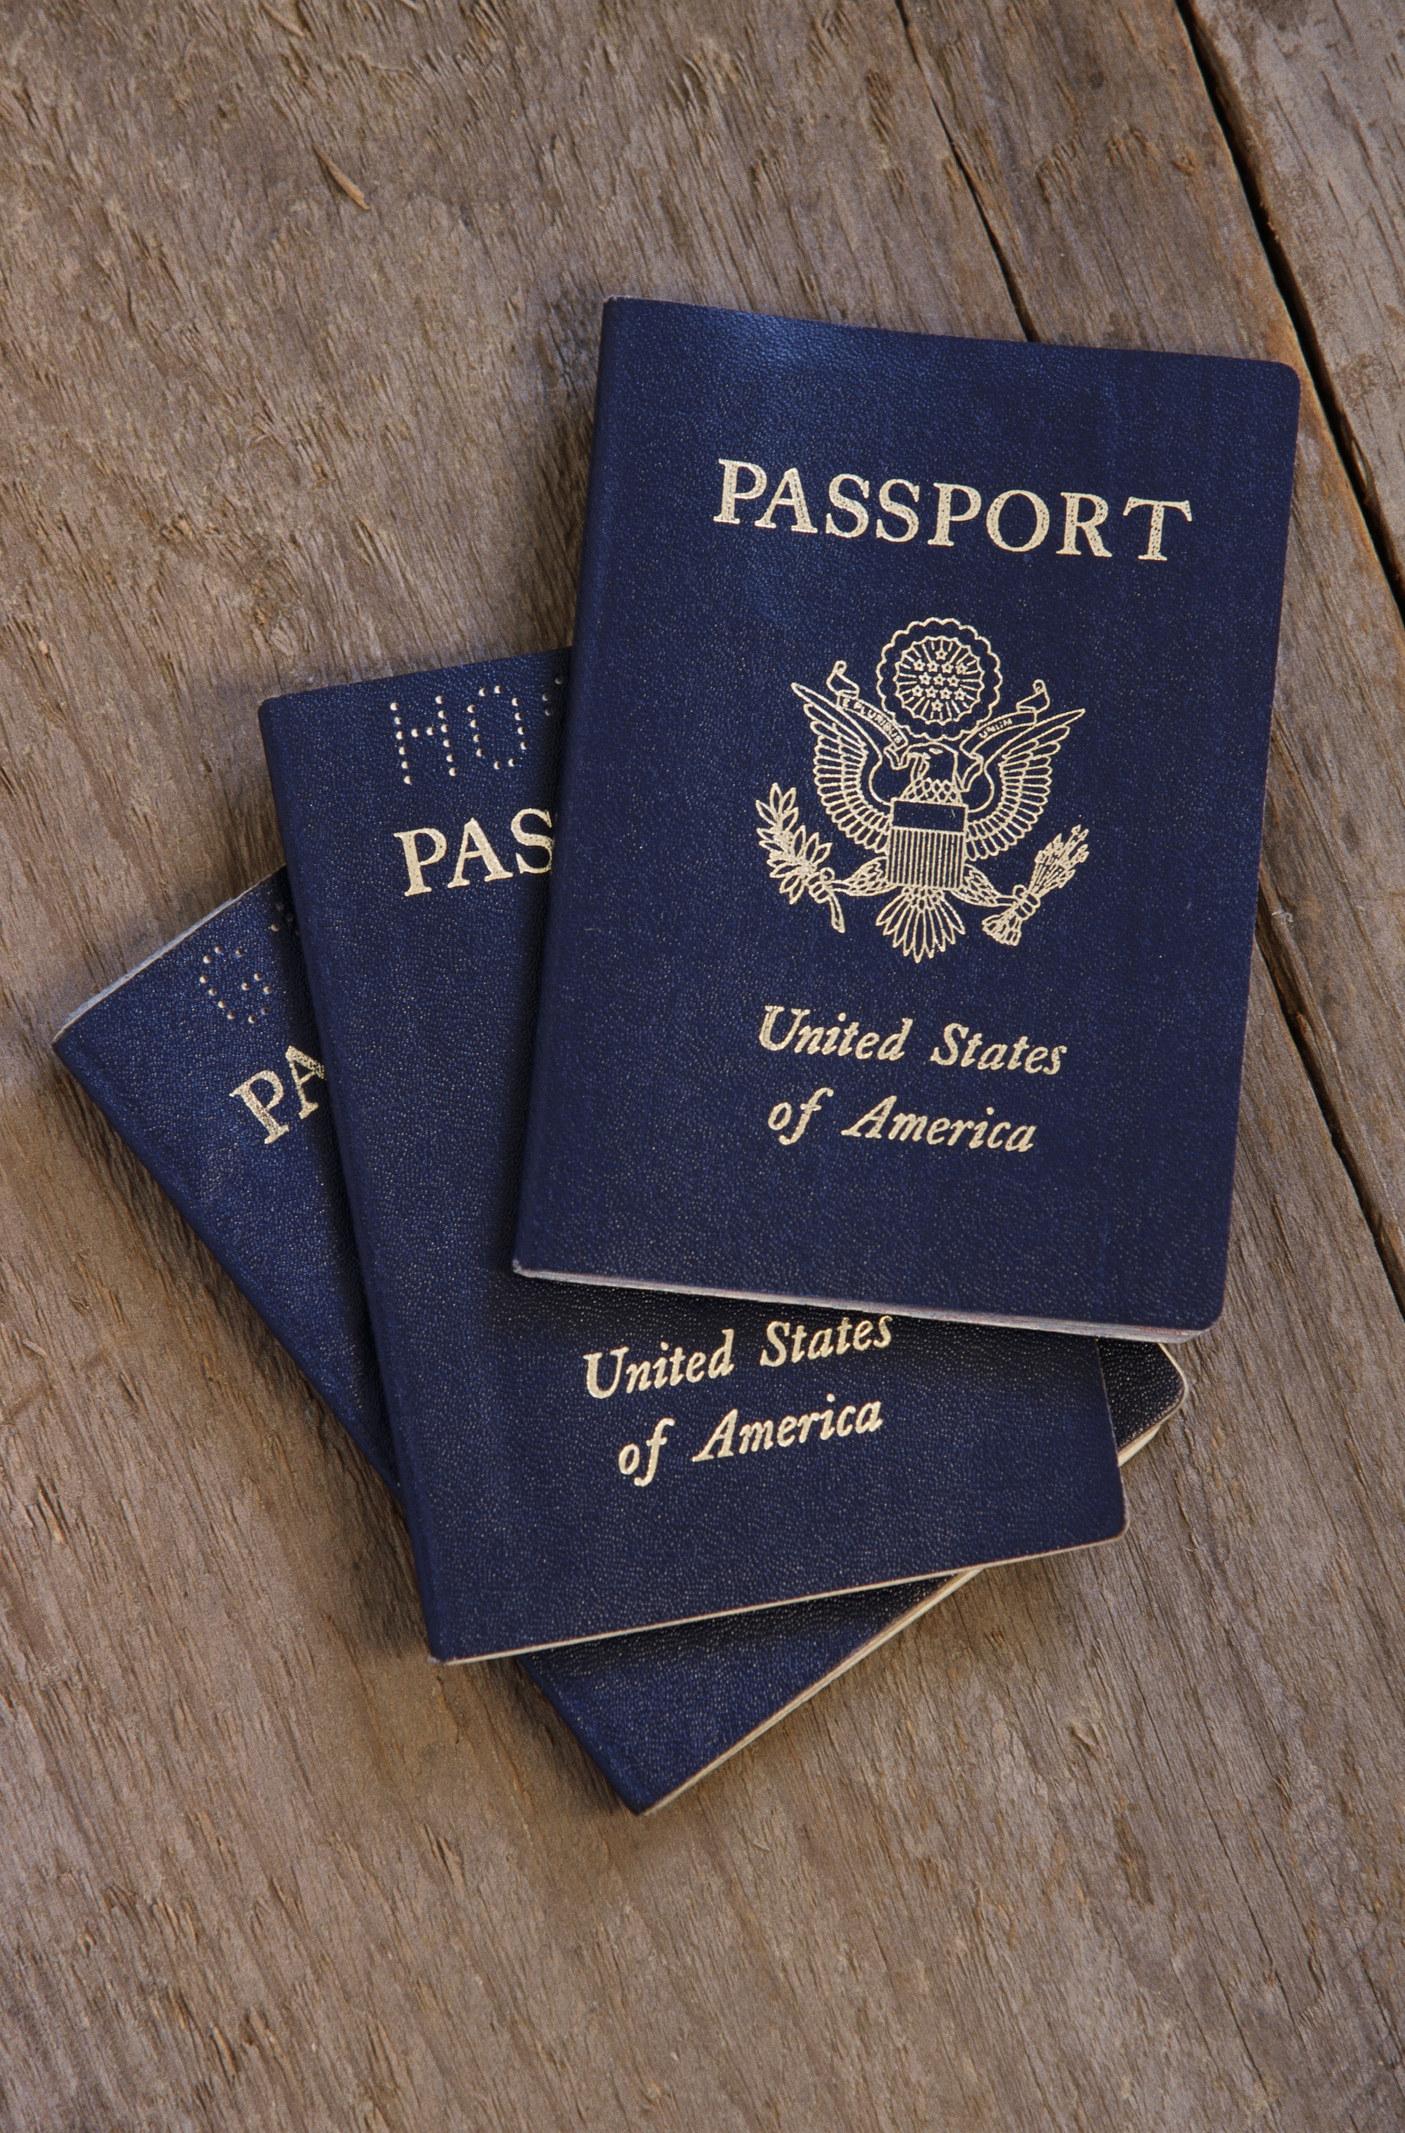 photo of passports